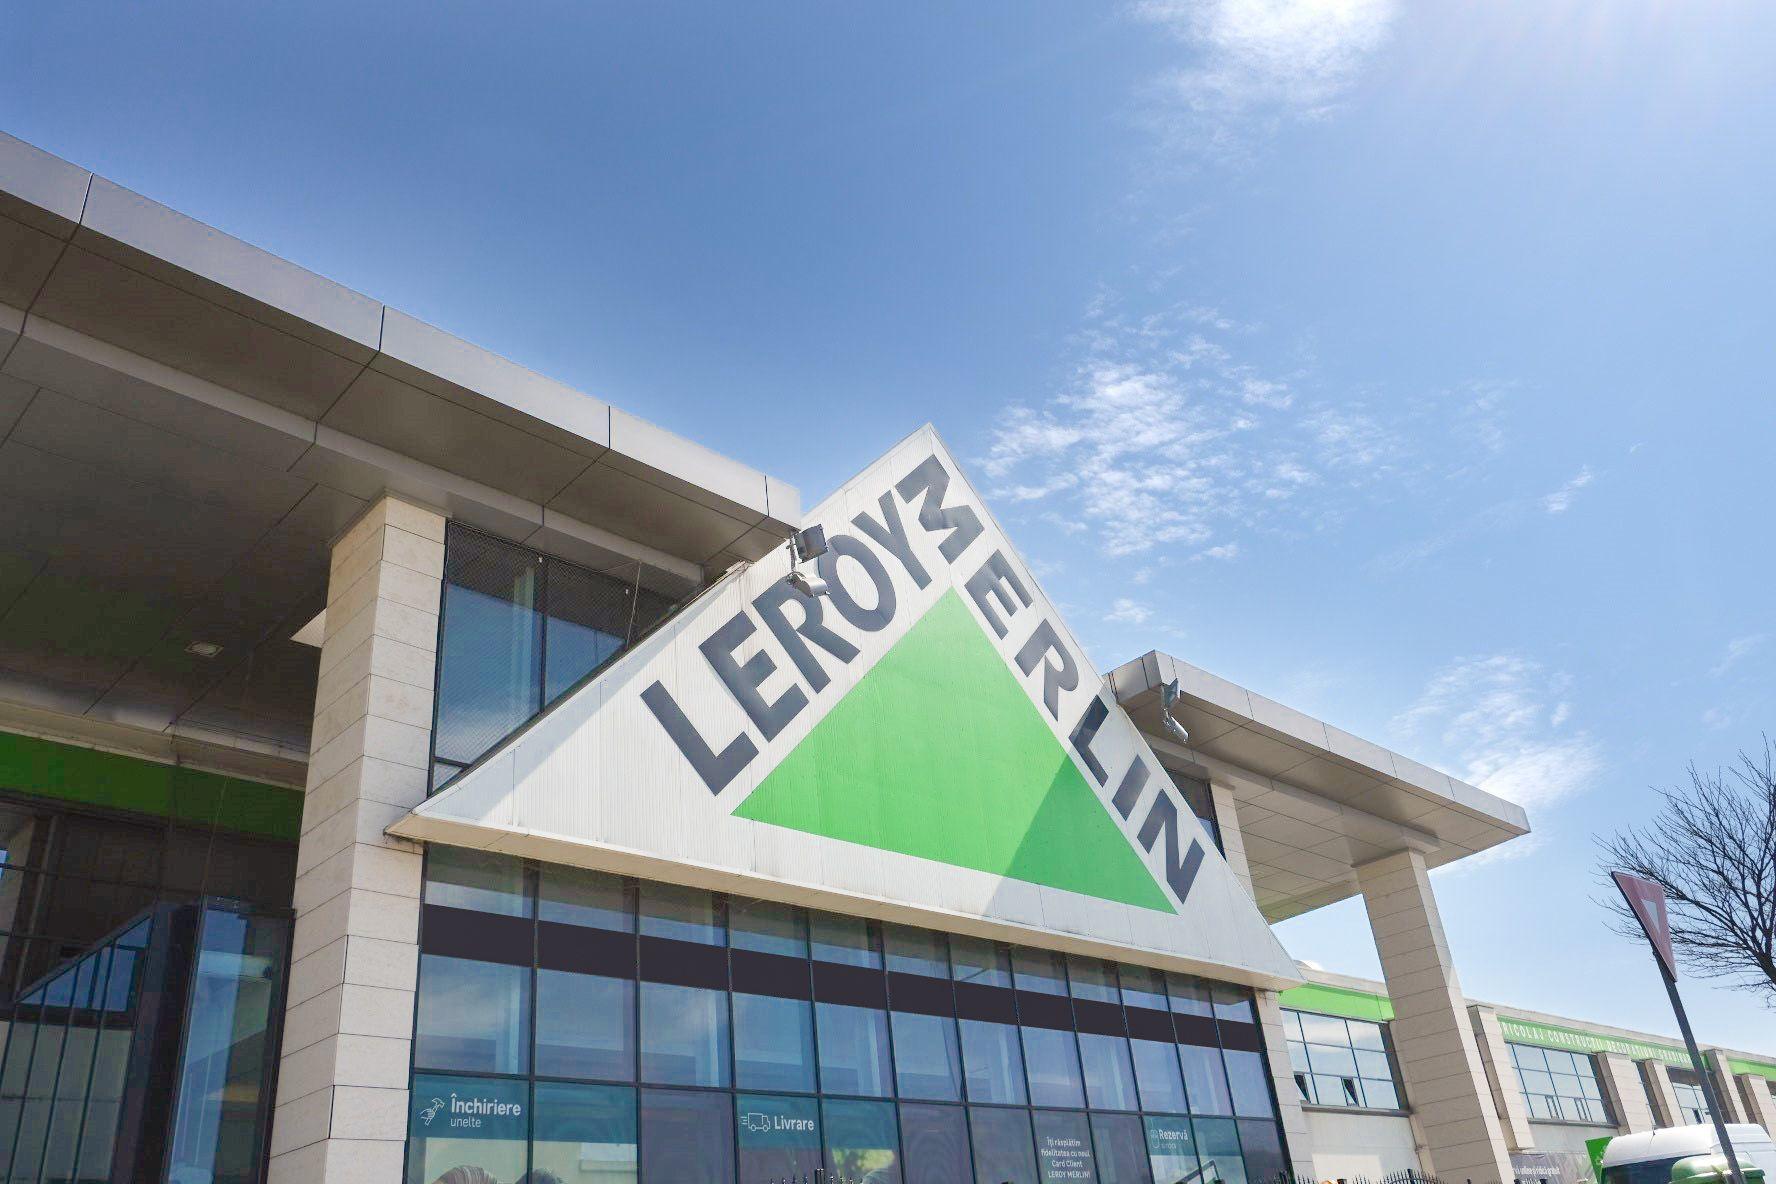 Leroy Merlin deschide în luna mai un magazin în Târgovişte şi ajunge la 19 unităţi în România